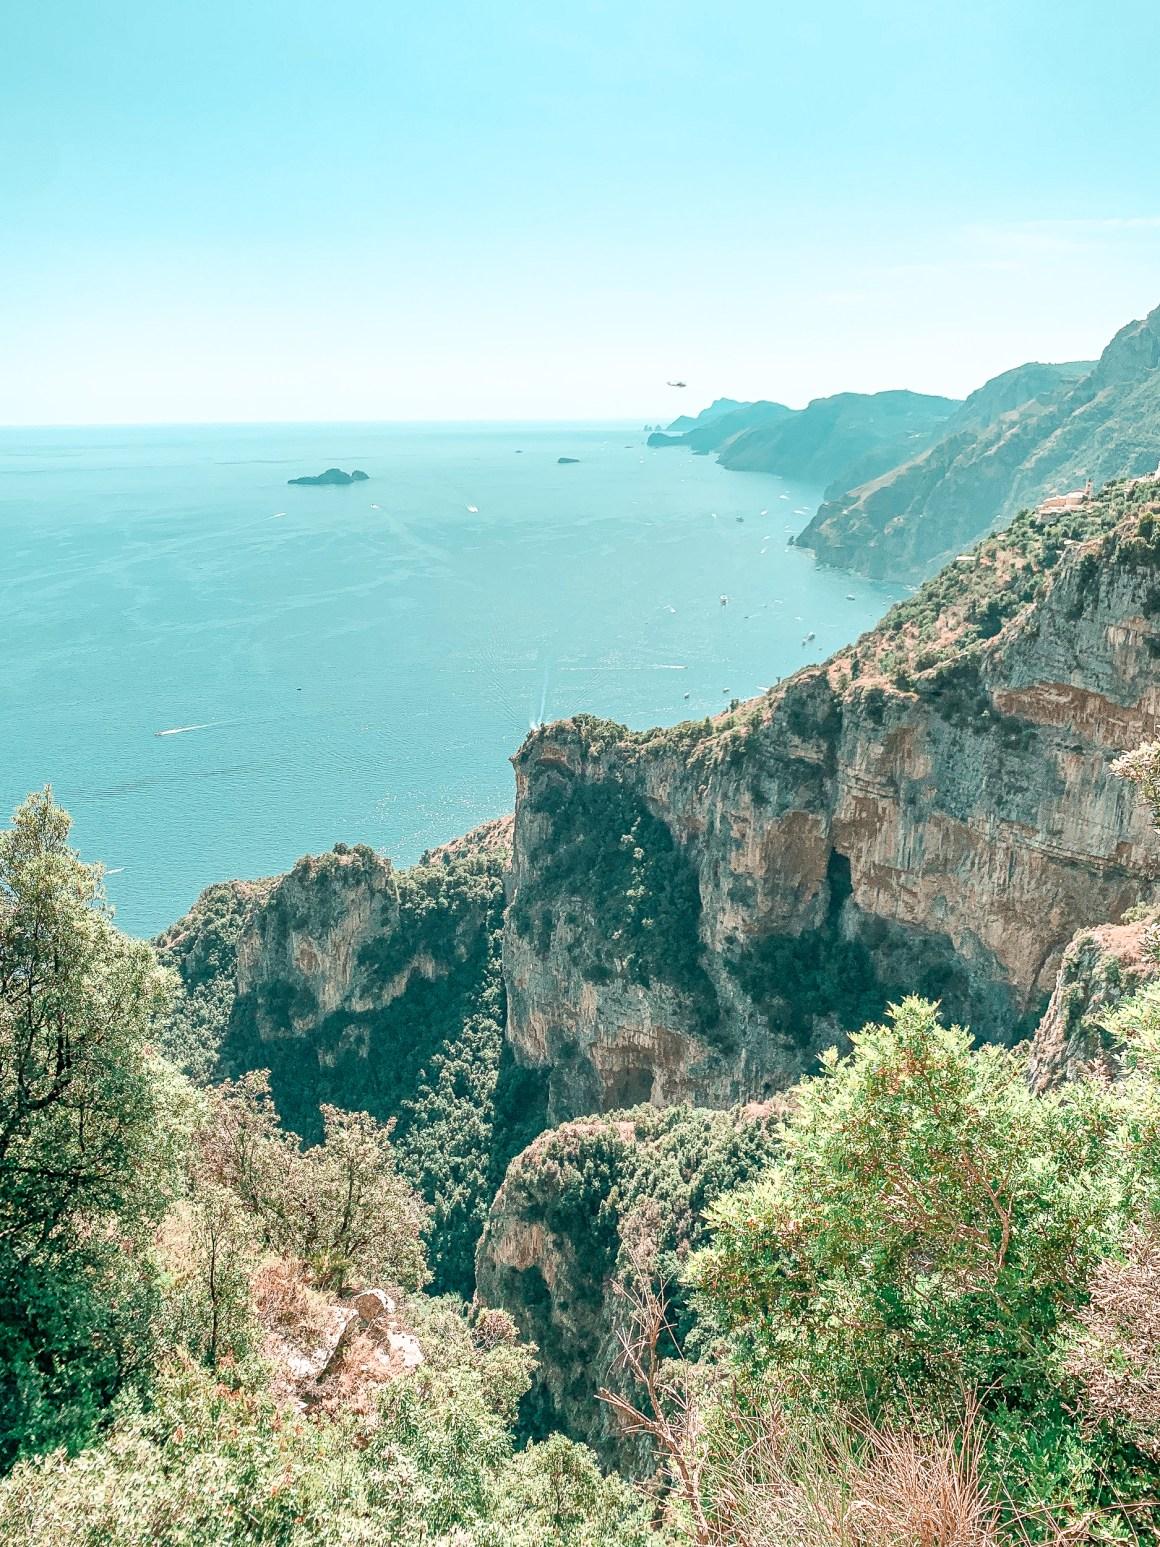 Hiken via de Sentiero degli Dei (Napels & Amalfi travel guide 6/7)